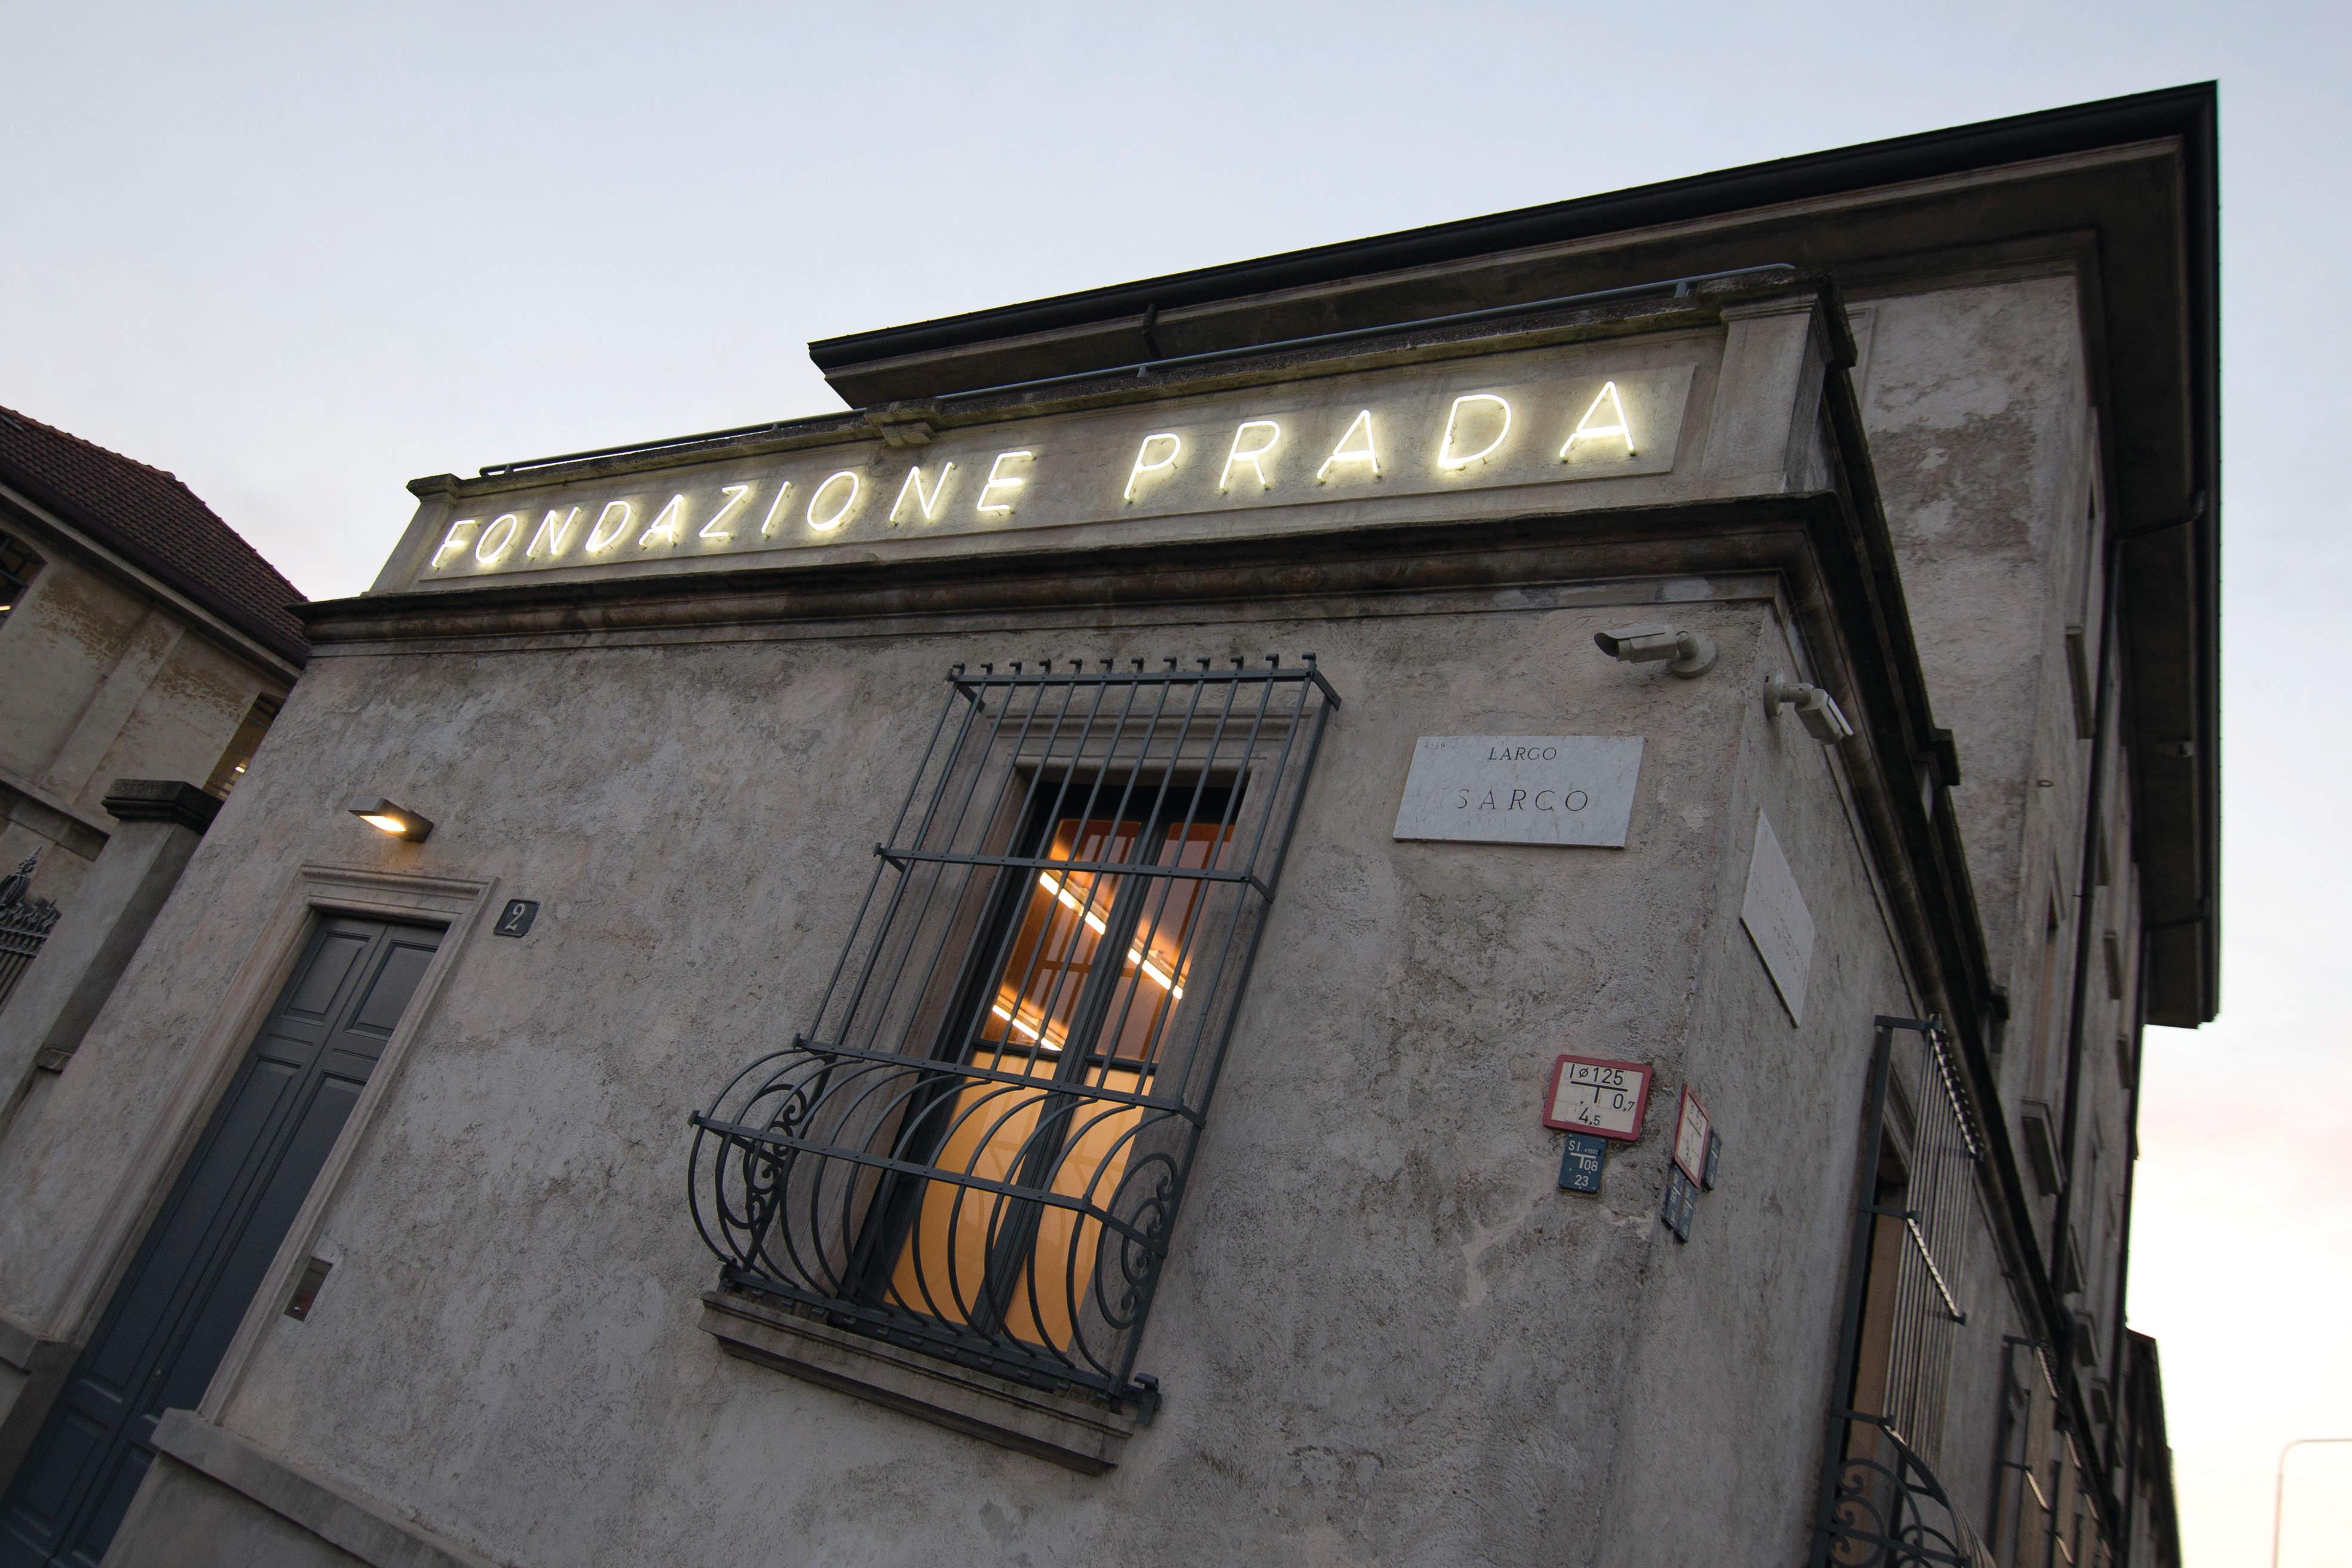 Systematica-Fondazione Prada_1-View